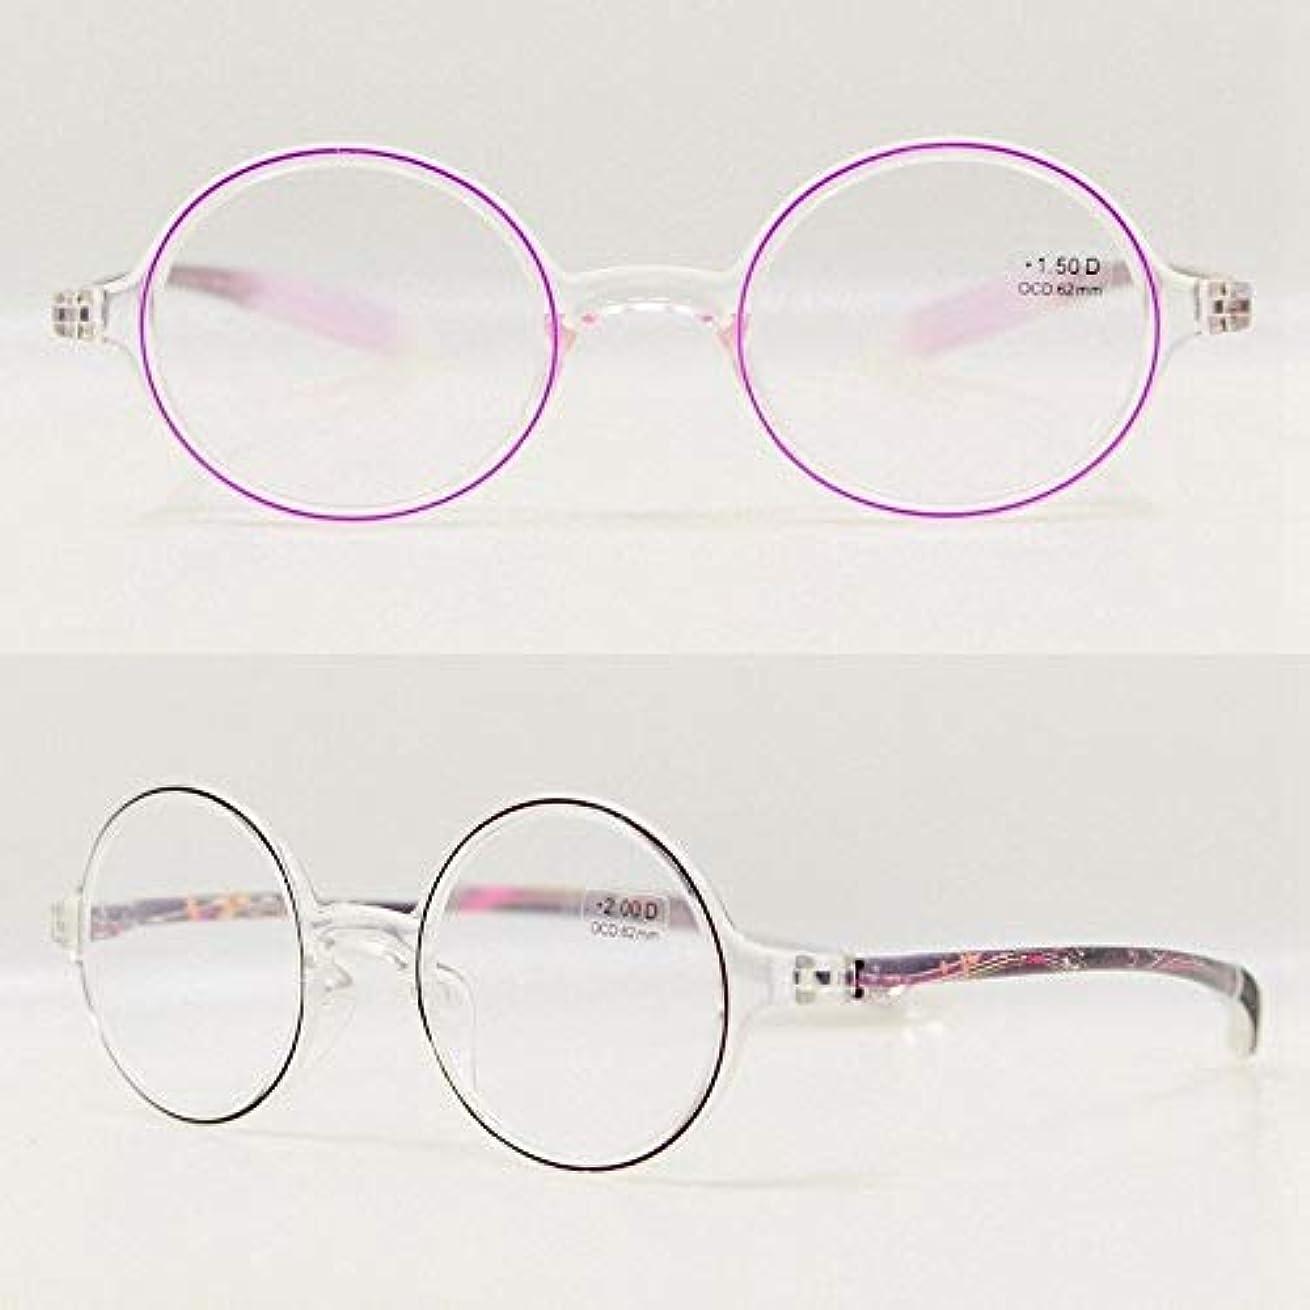 FidgetGear ラウンドクリアTR-90フレキシブル老眼鏡フレーム強度+1.00?+ 4.00 クリア+ブラック